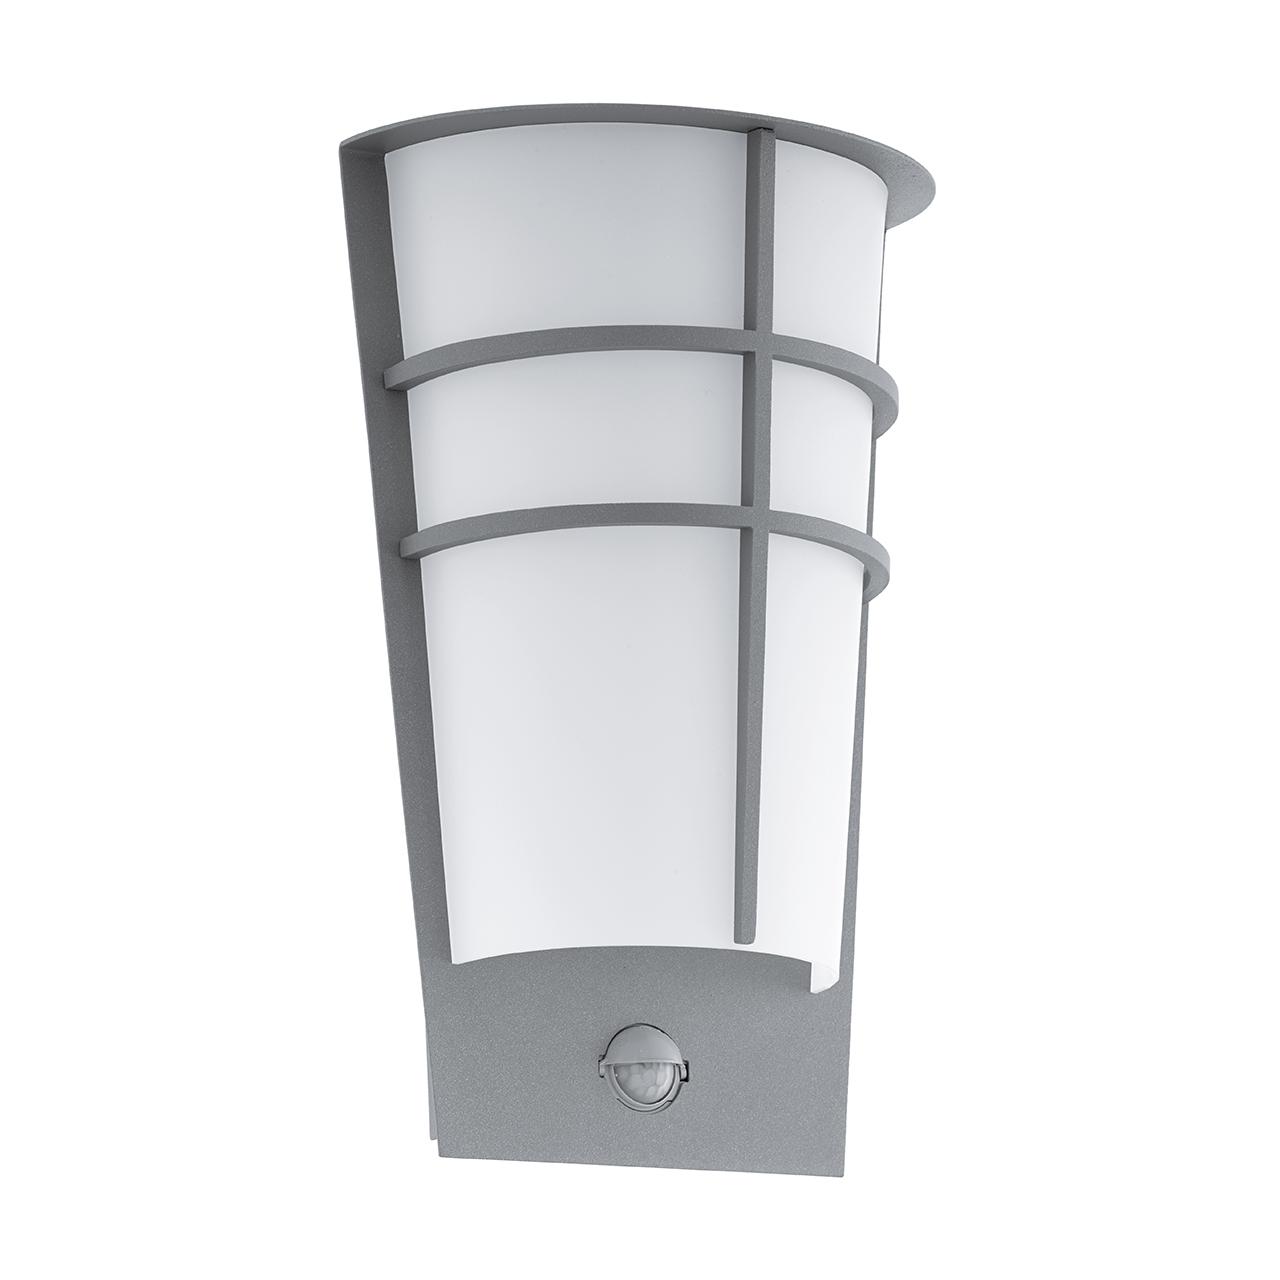 Купить Уличный настенный светодиодный светильник Eglo Breganzo, inmyroom, Австрия